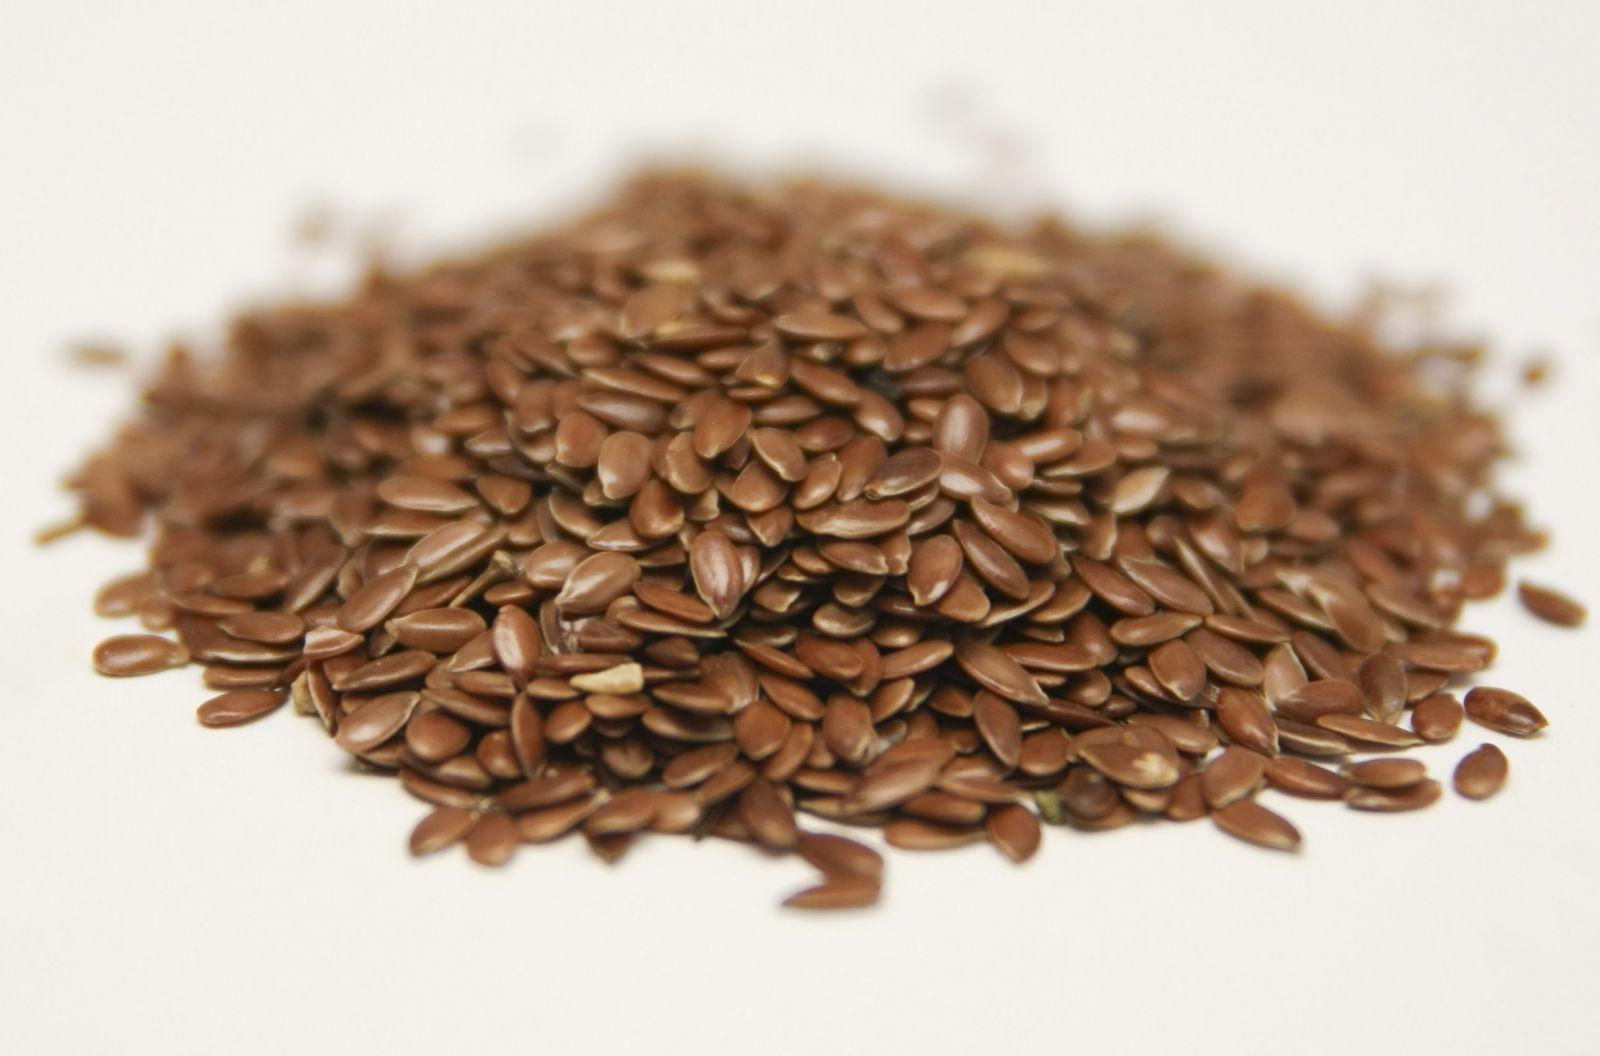 семена льна увеличения бюста рецепт